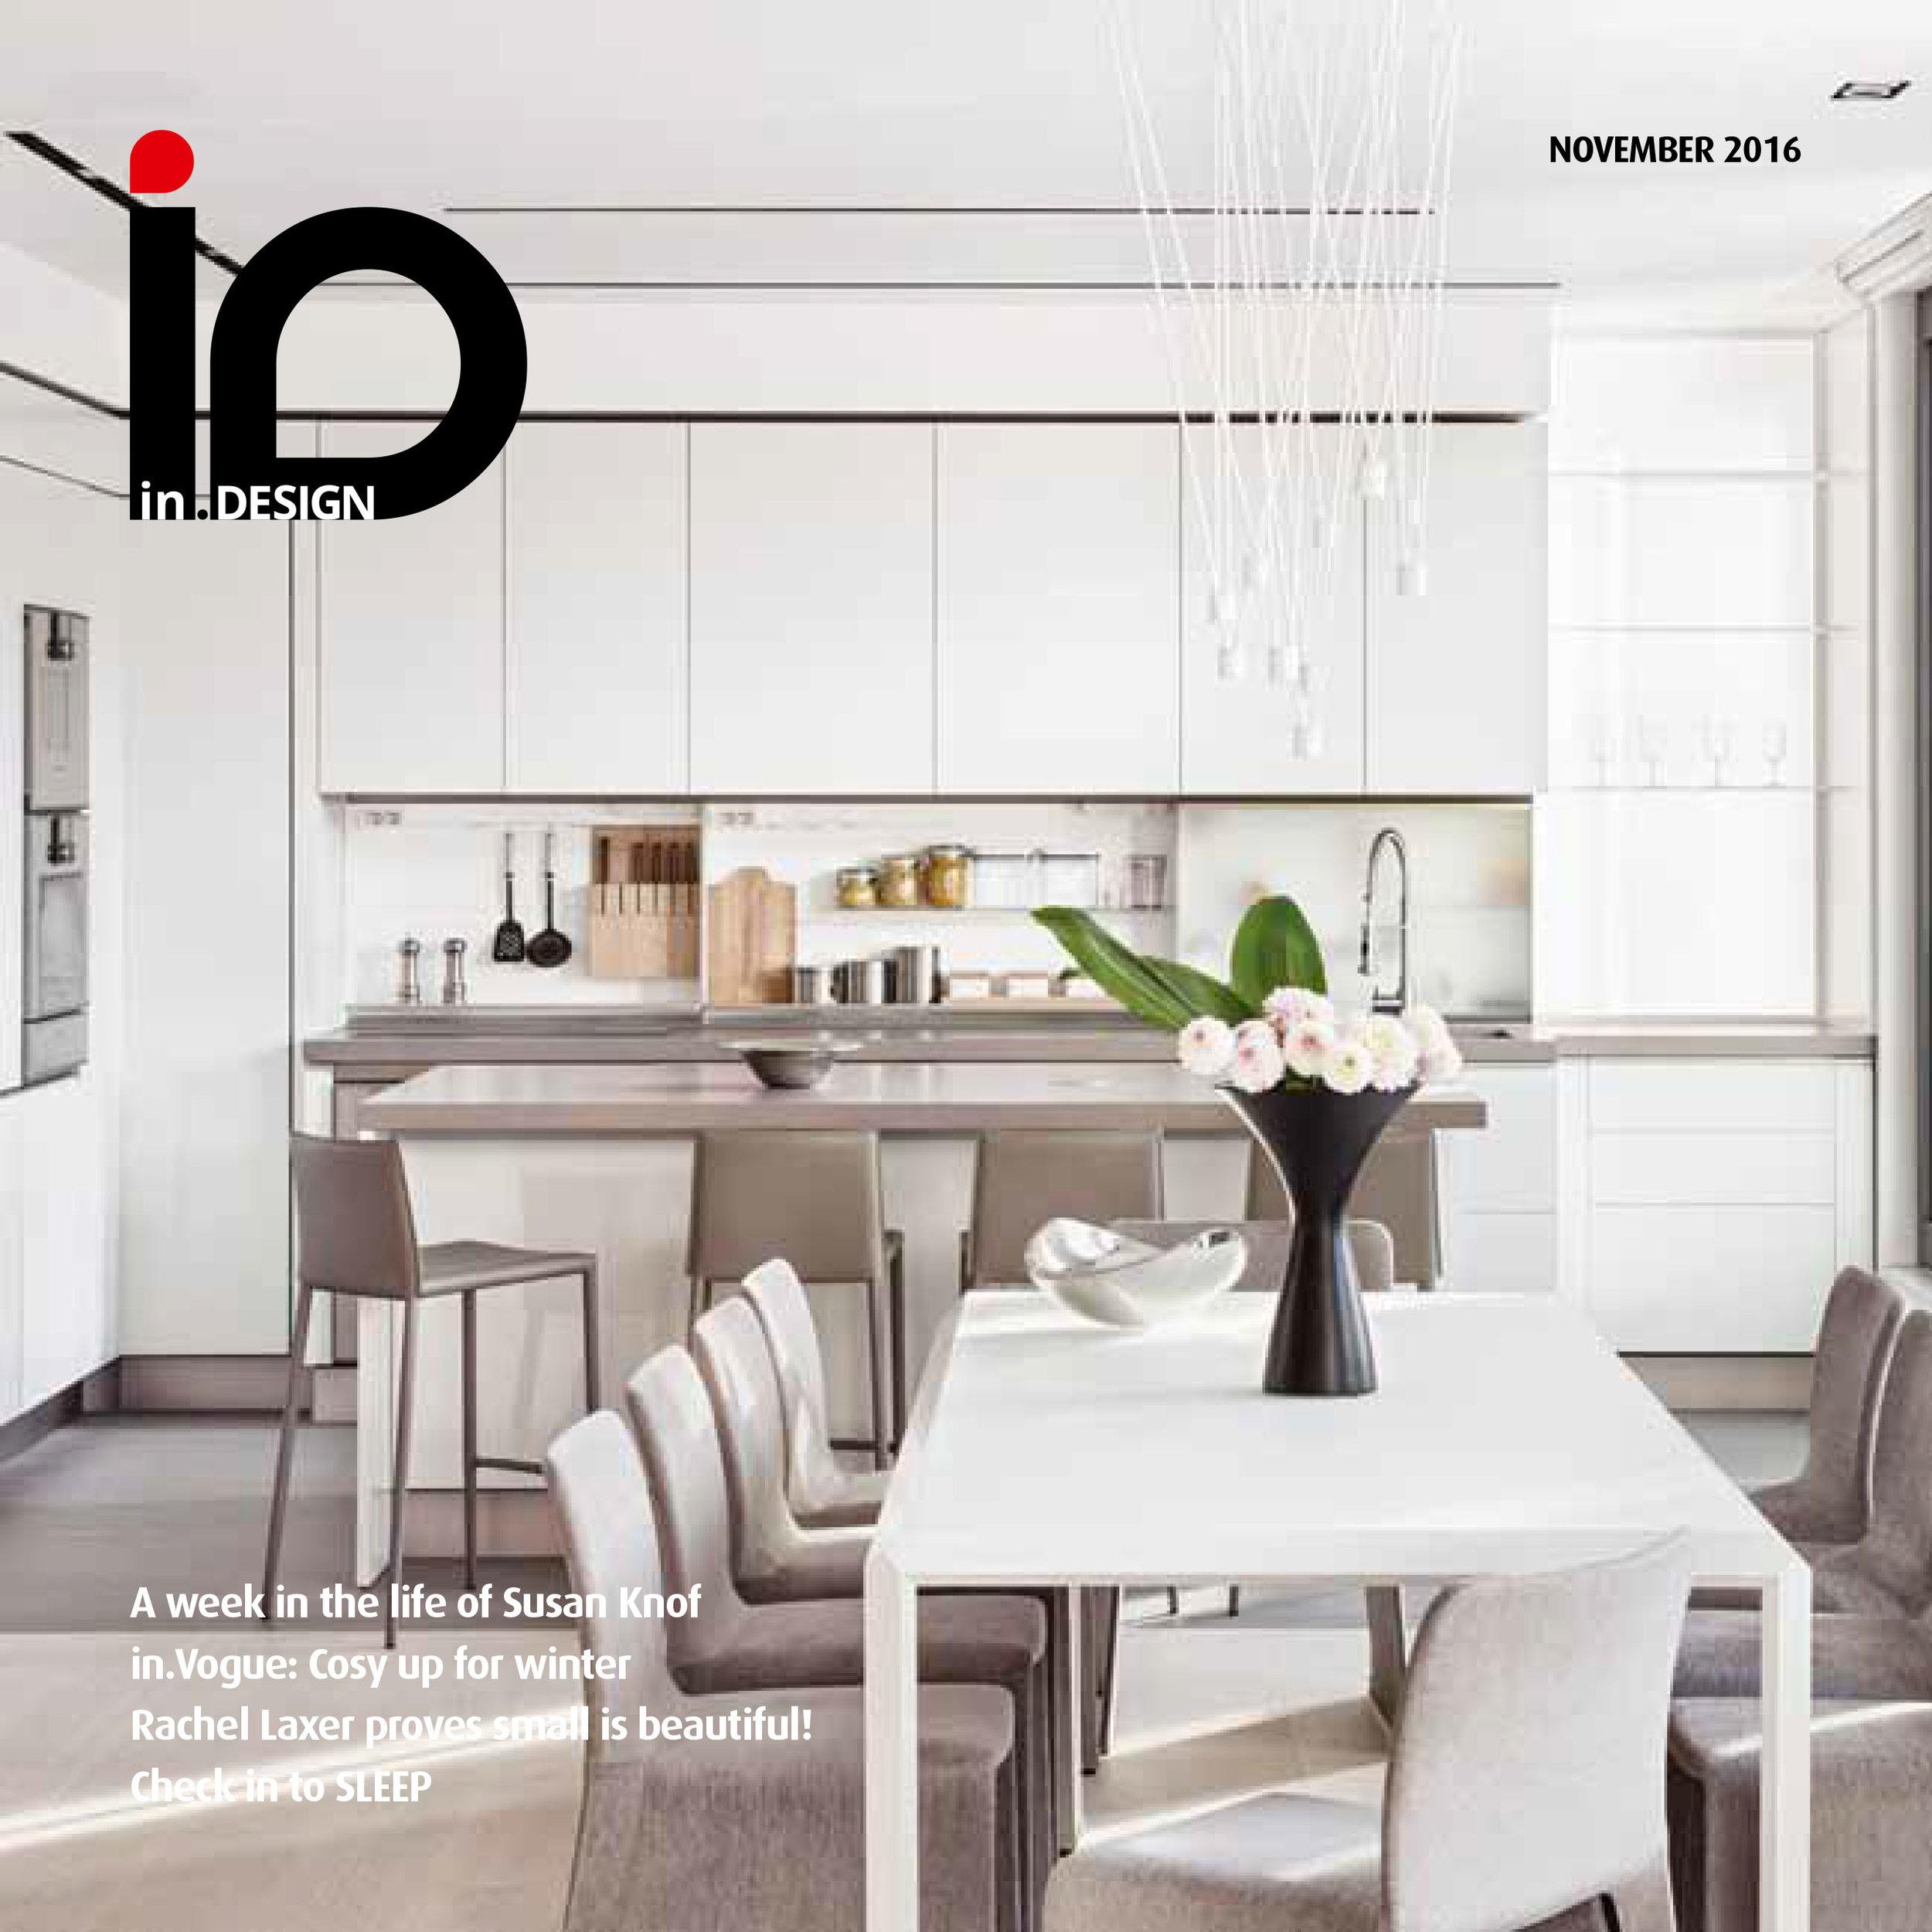 Indesign-KNOF-NOV16